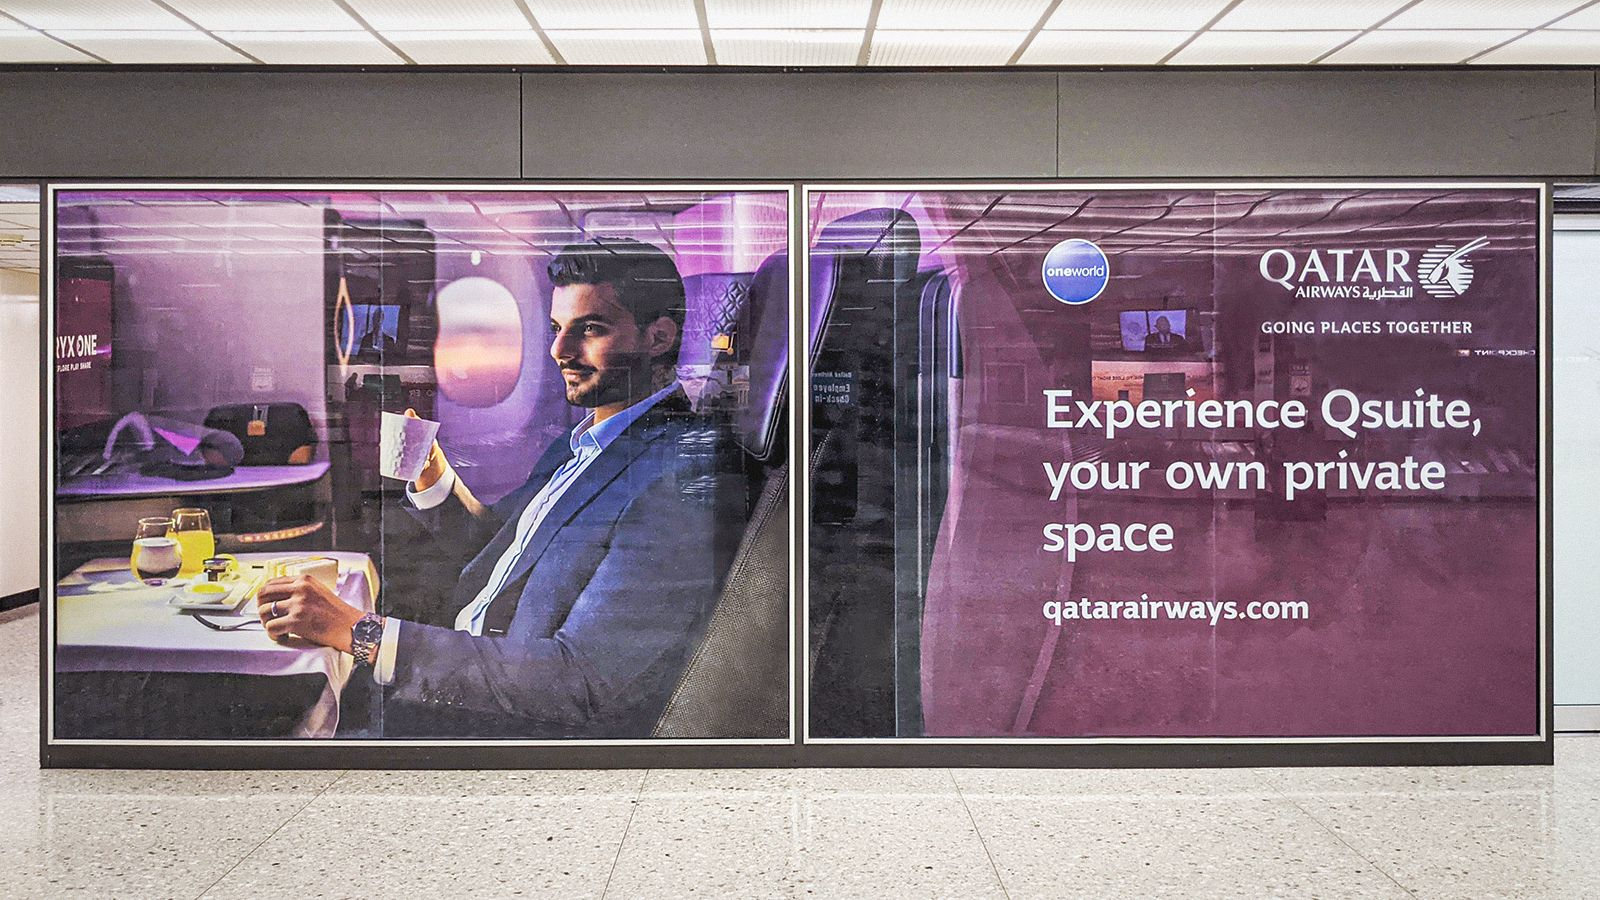 Qatar Airways wall decal